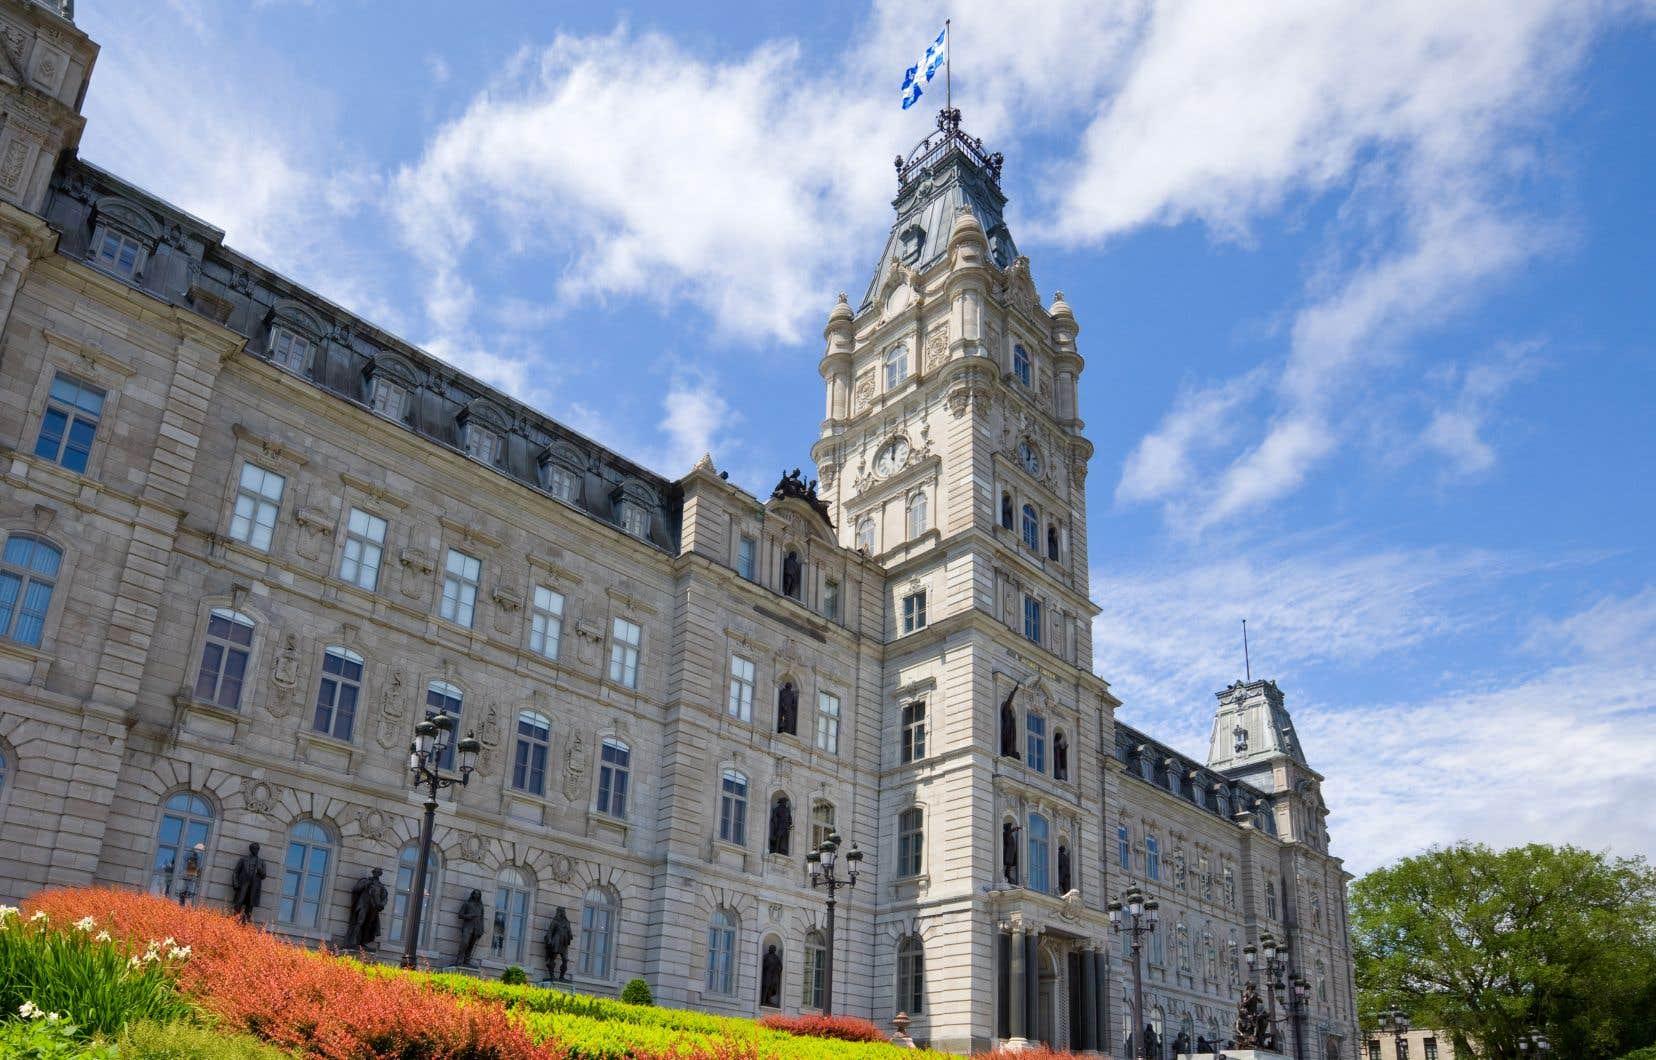 «Alors qu'une sévère récession engendrée par la crise sanitaire plombe l'économie québécoise, le gouvernement doit cesser de mettre en œuvre cette politique d'austérité qu'est le remboursement de la dette», estiment les signataires.